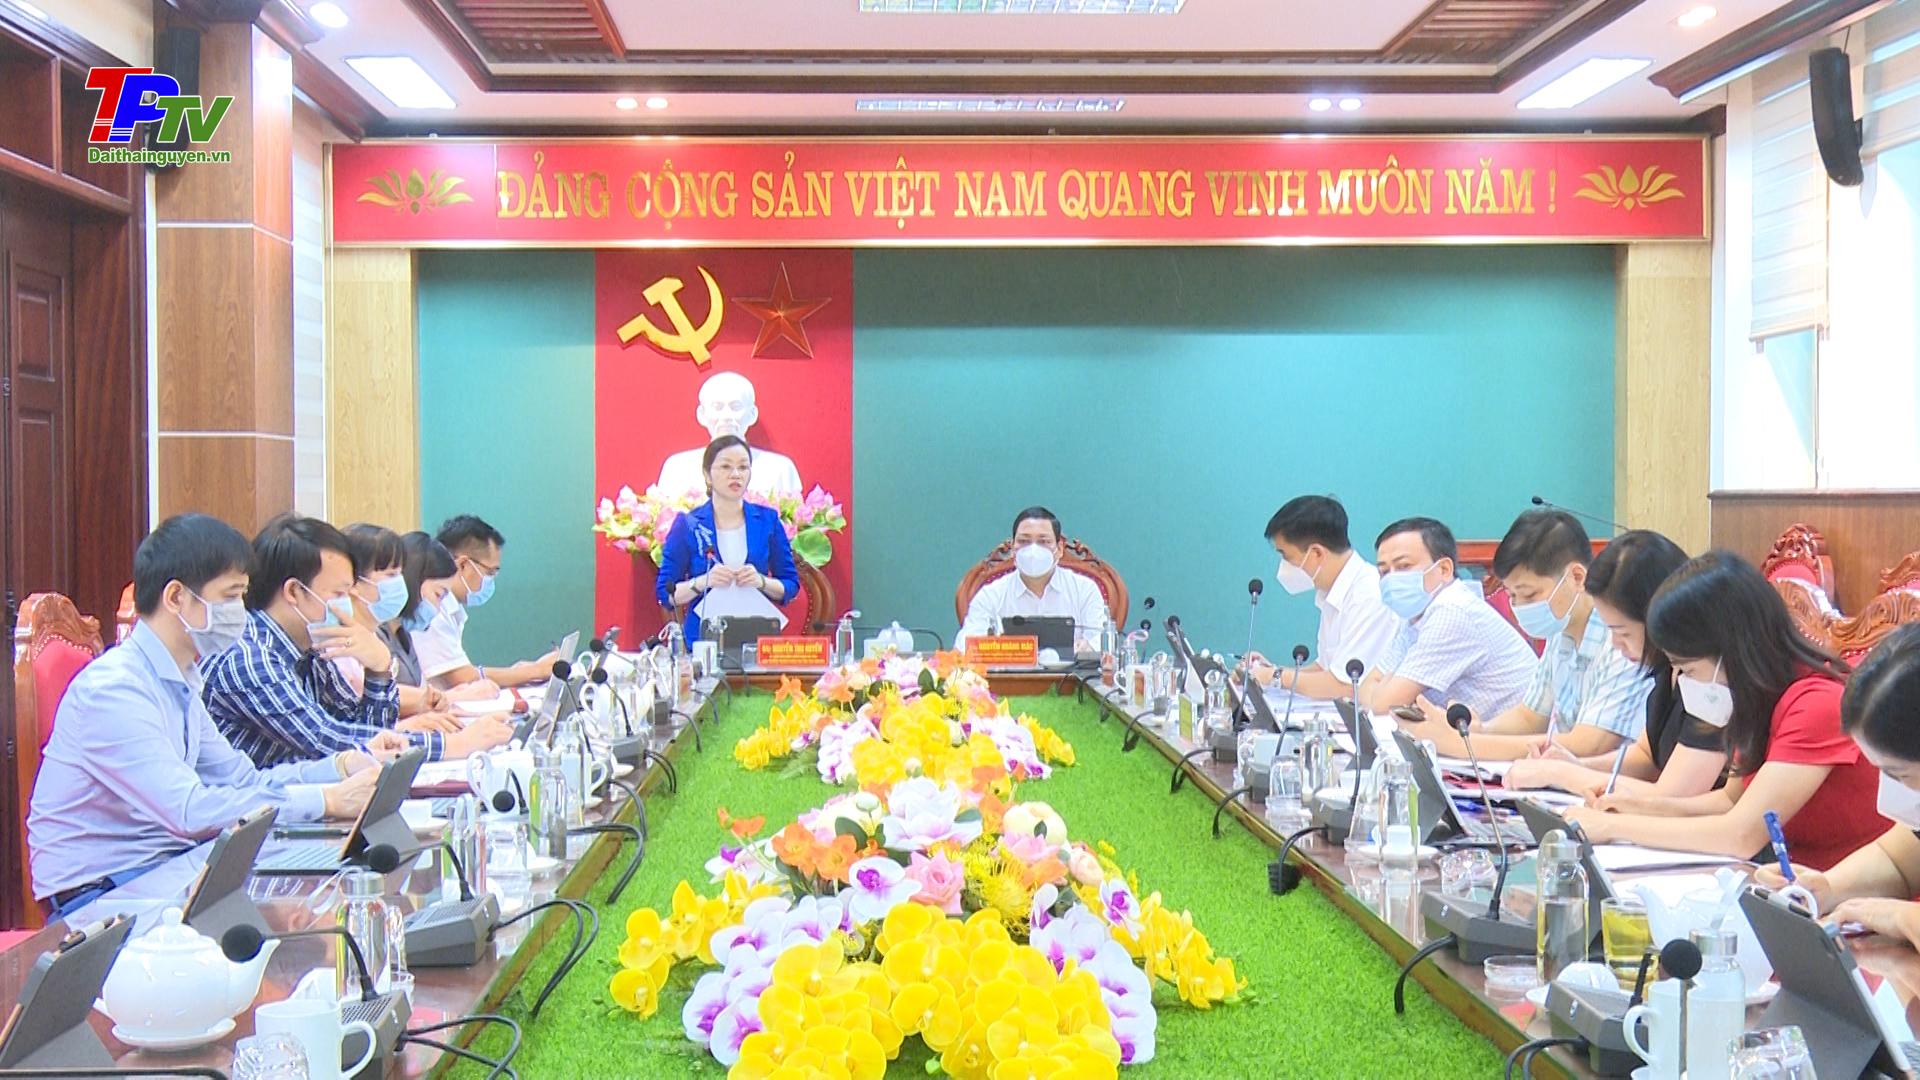 Thành ủy Thái Nguyên làm việc với Trường Chính trị tỉnh Thái Nguyên về công tác đào tạo, bồi dưỡng cán bộ.